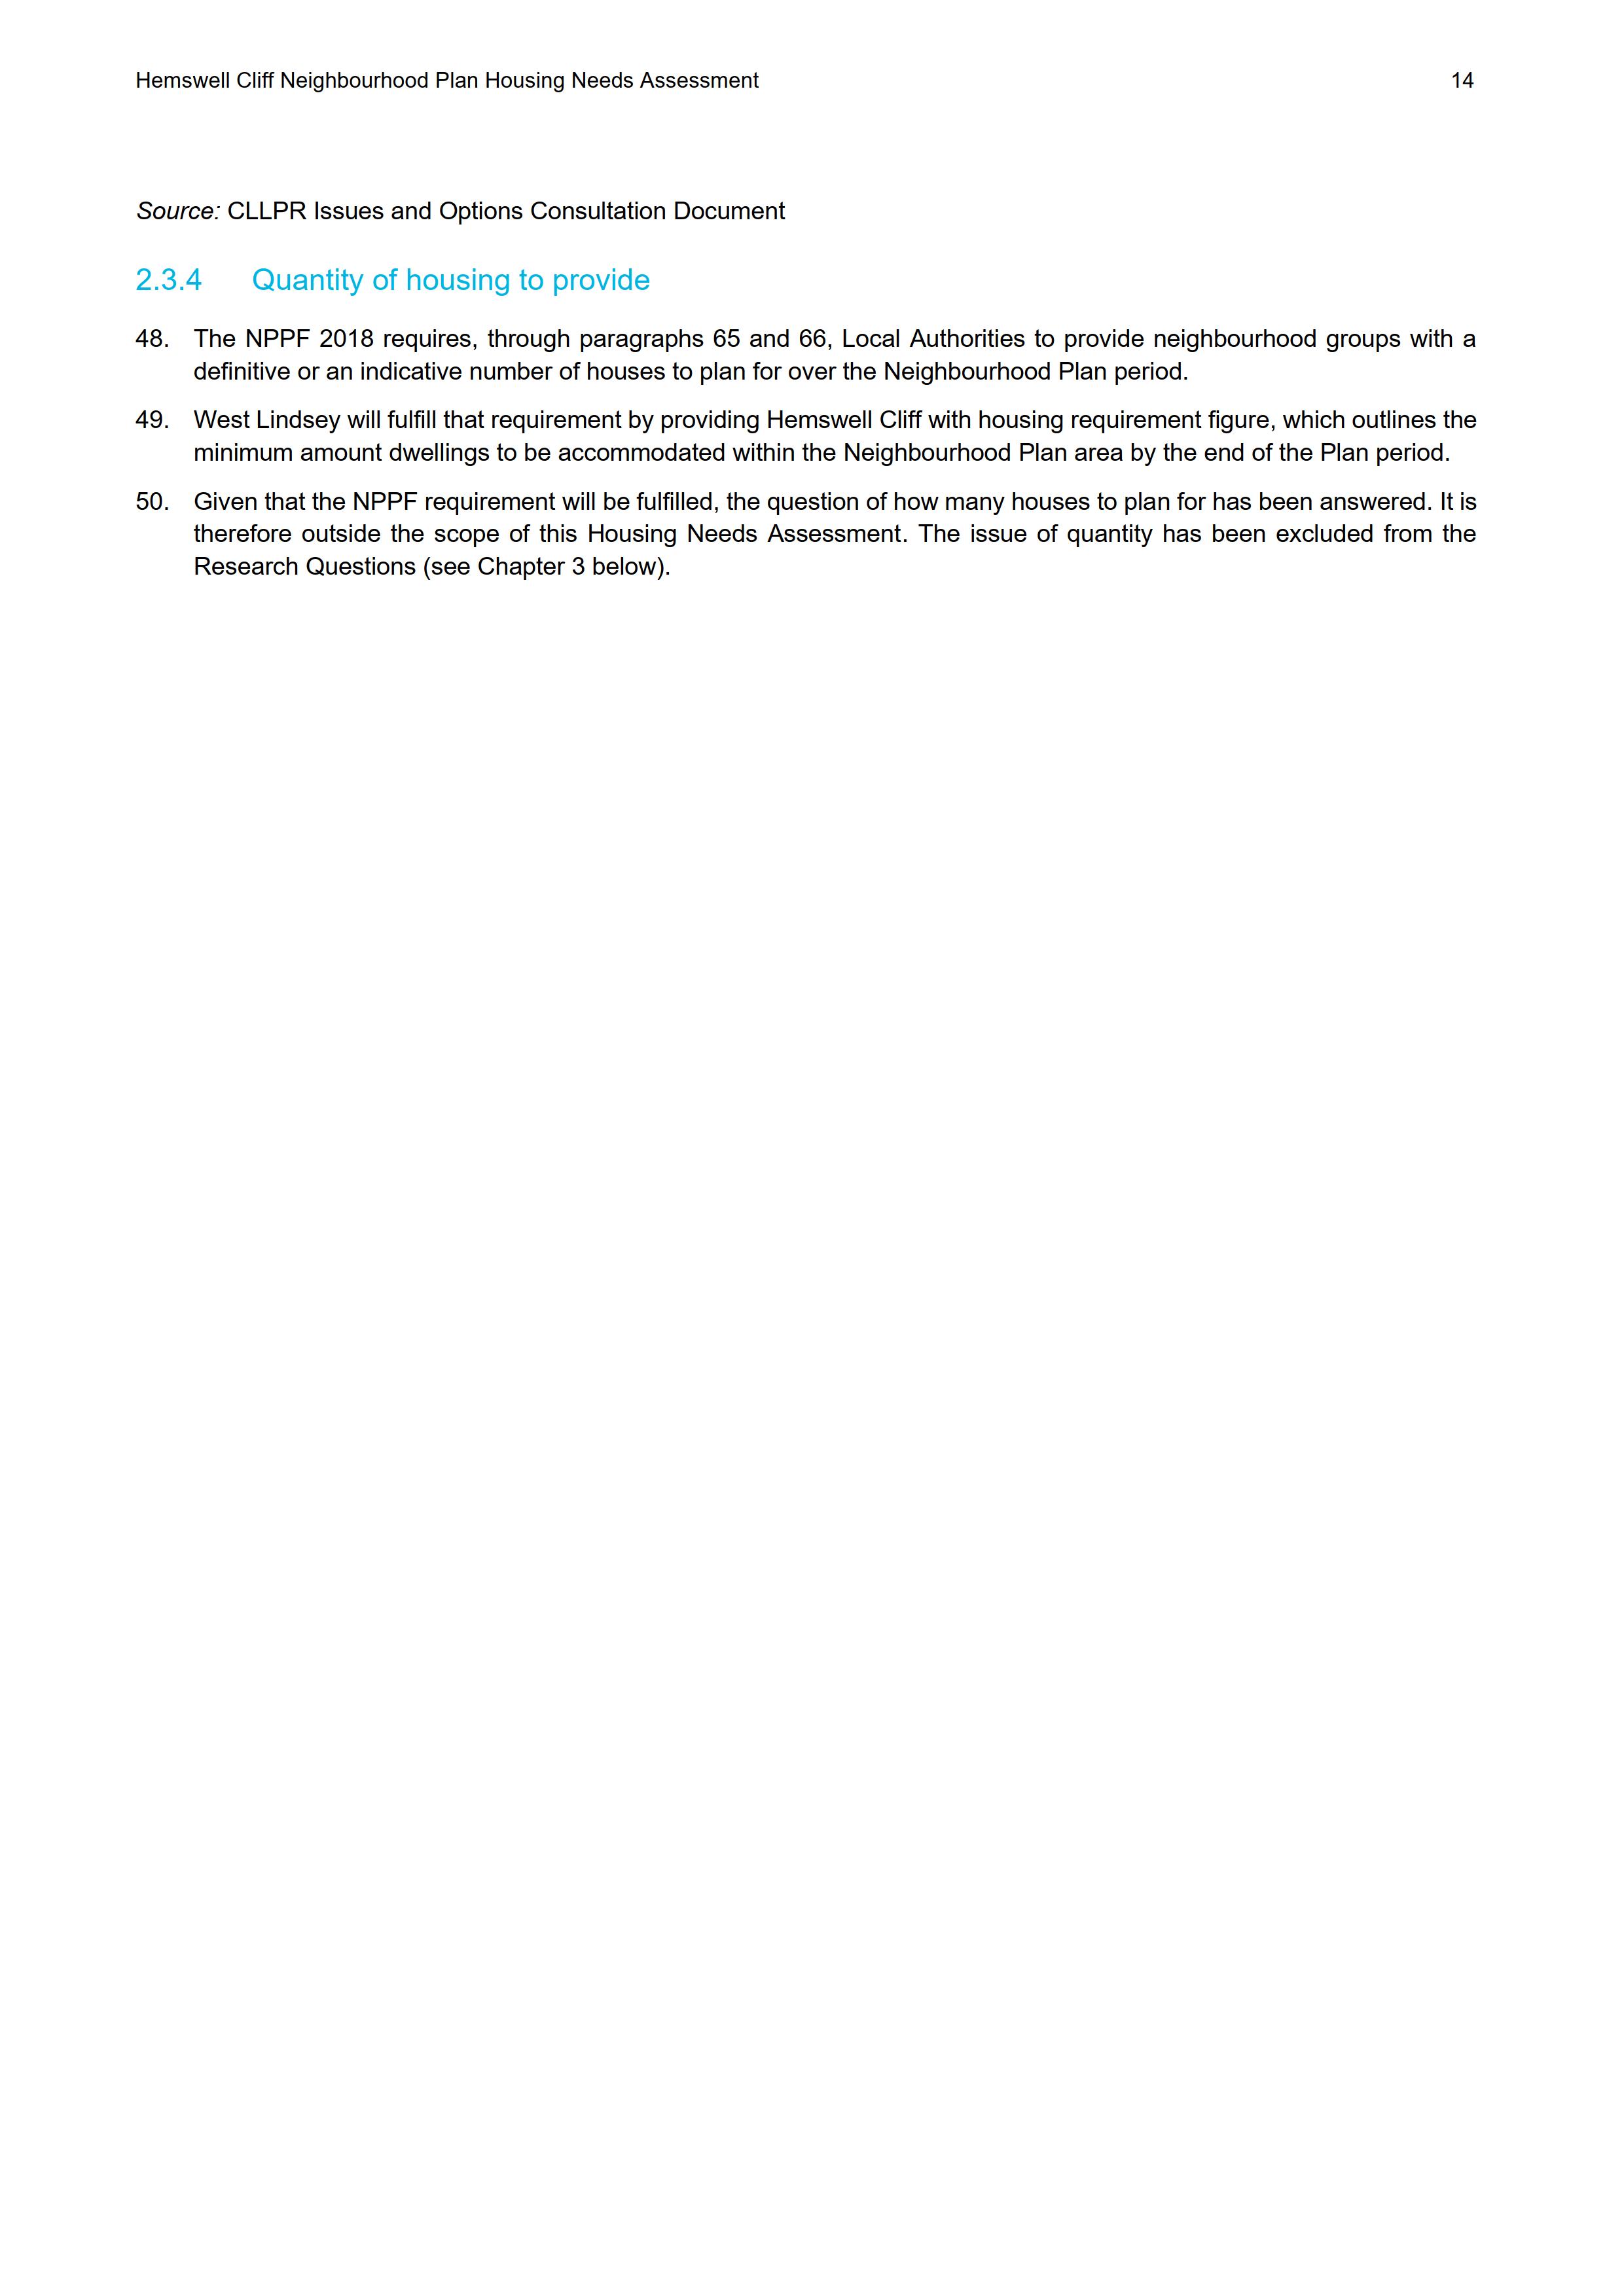 Hemswell_Cliff_Housing_Needs_Assessment_Final_14.png